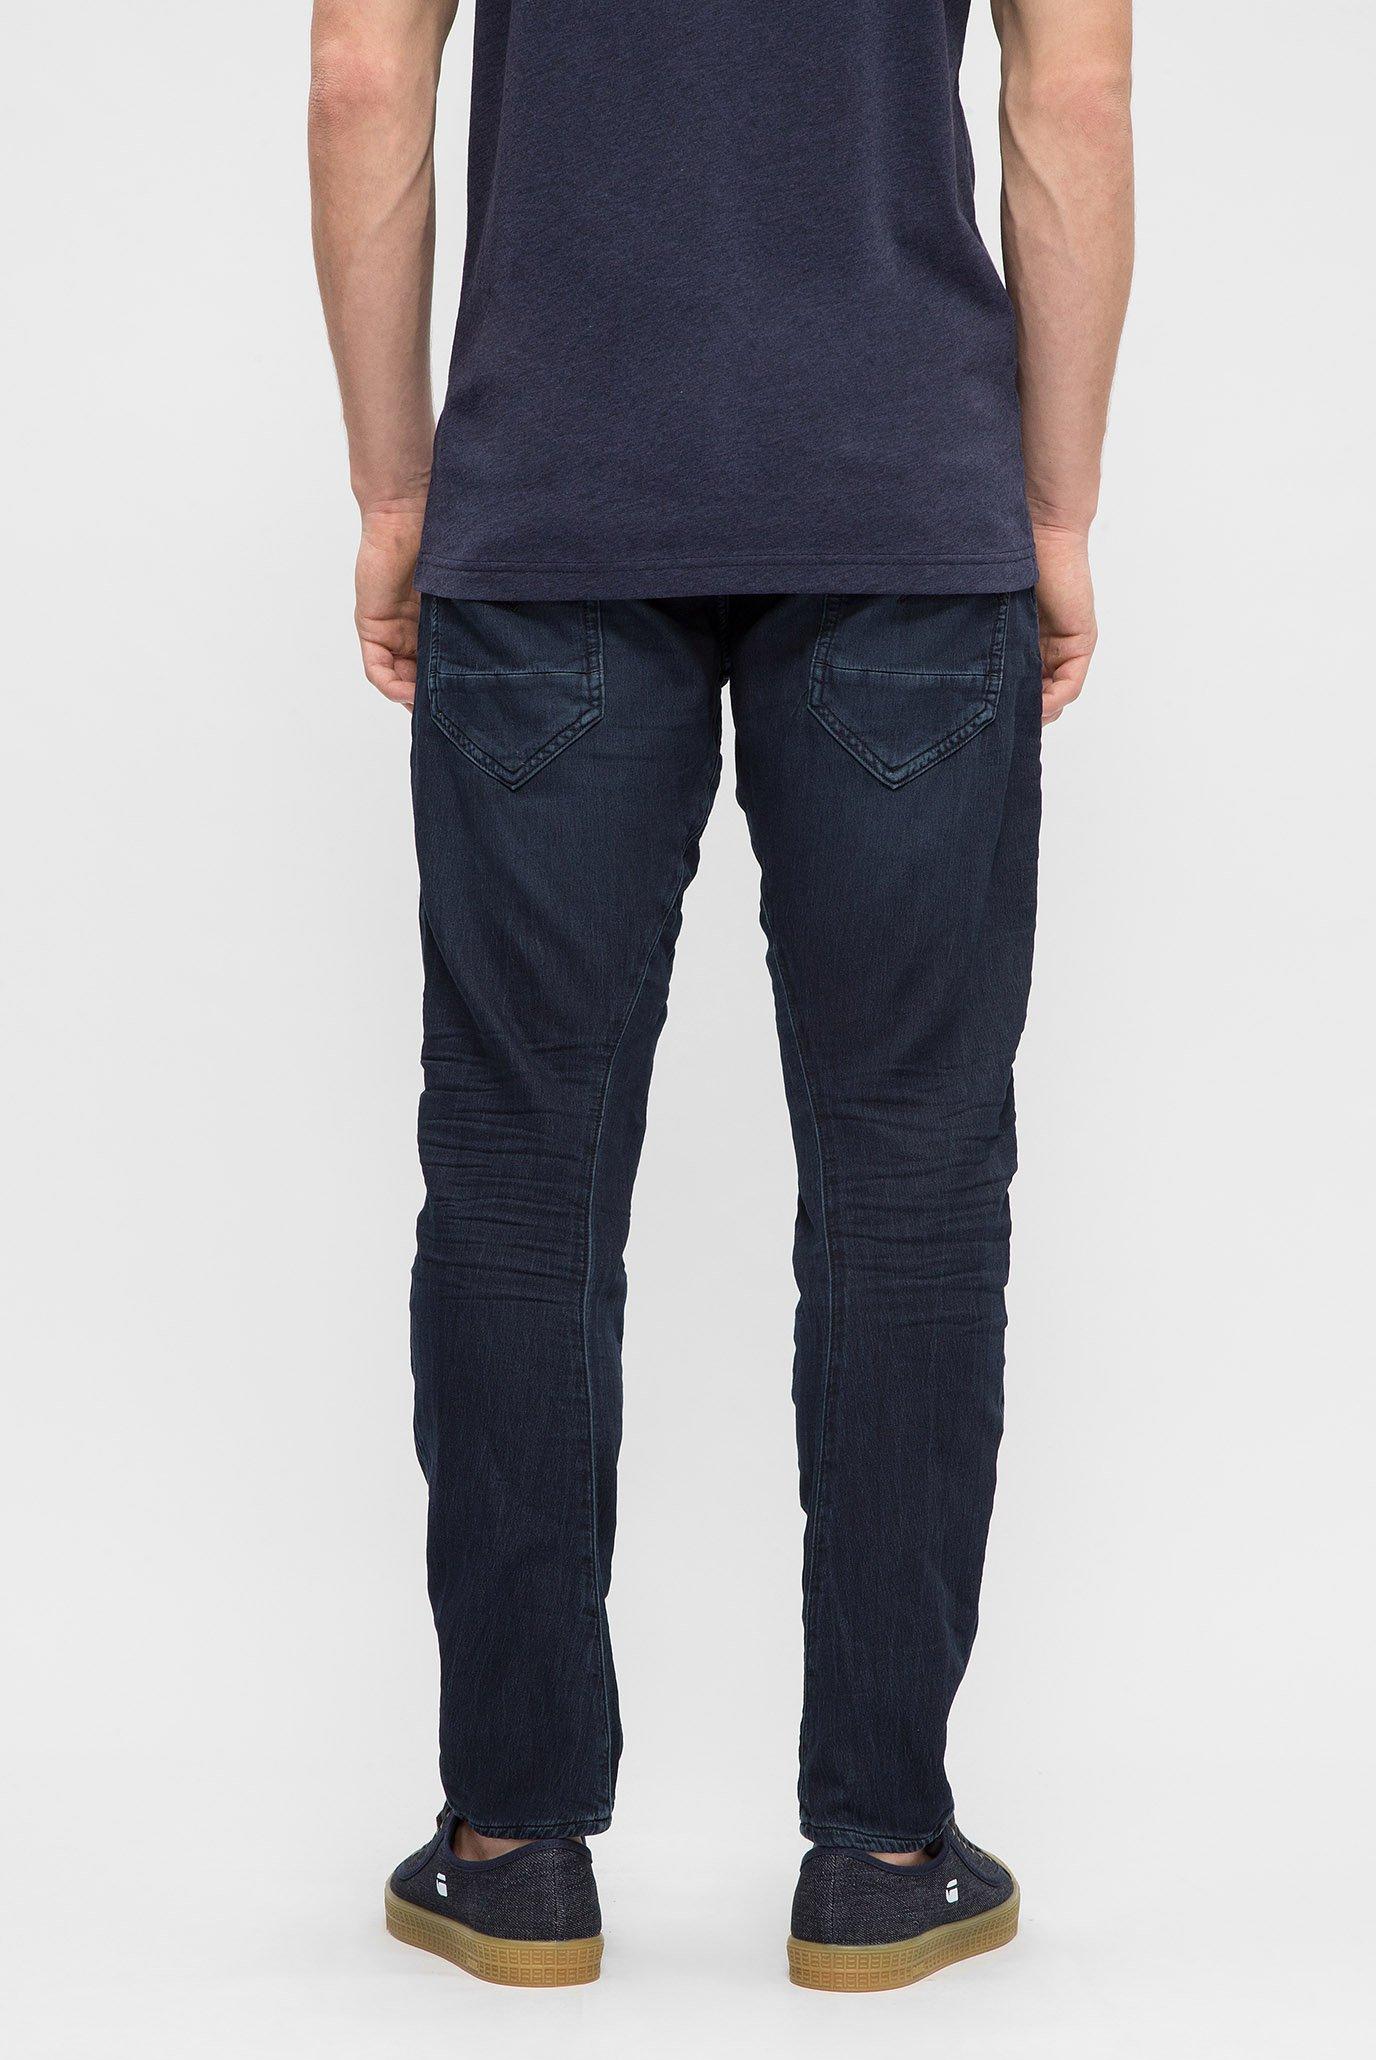 Купить Мужские темно-синие джинсы Arc 3D Sport Tapered G-Star RAW G-Star RAW D06089,9487 – Киев, Украина. Цены в интернет магазине MD Fashion